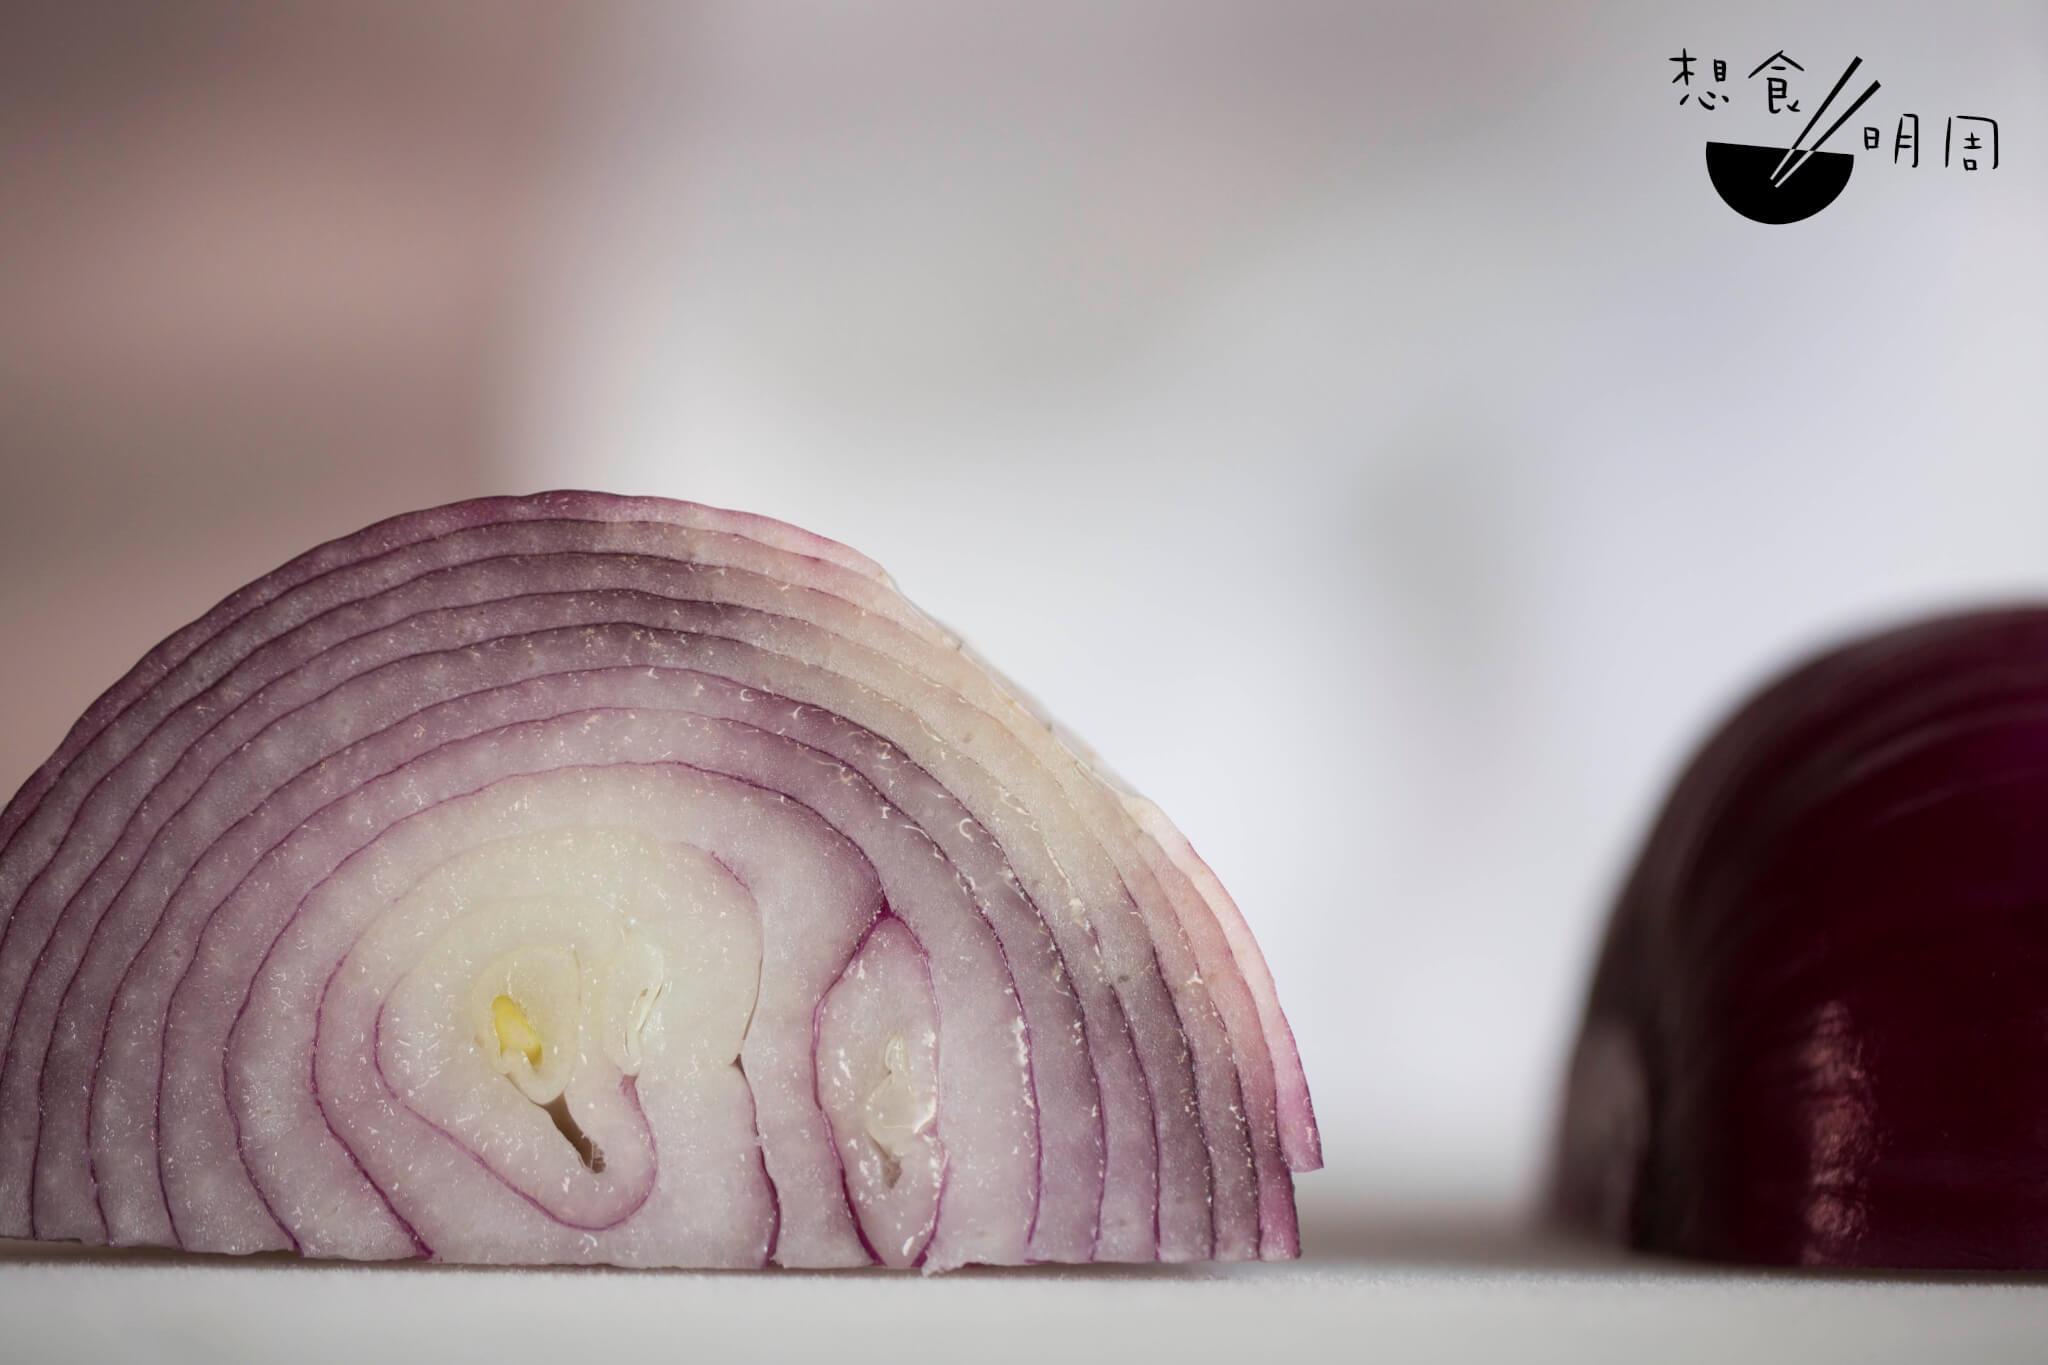 這樣一個紫洋蔥,明明也是嫩白的肉,卻覆上了一層紫衣。